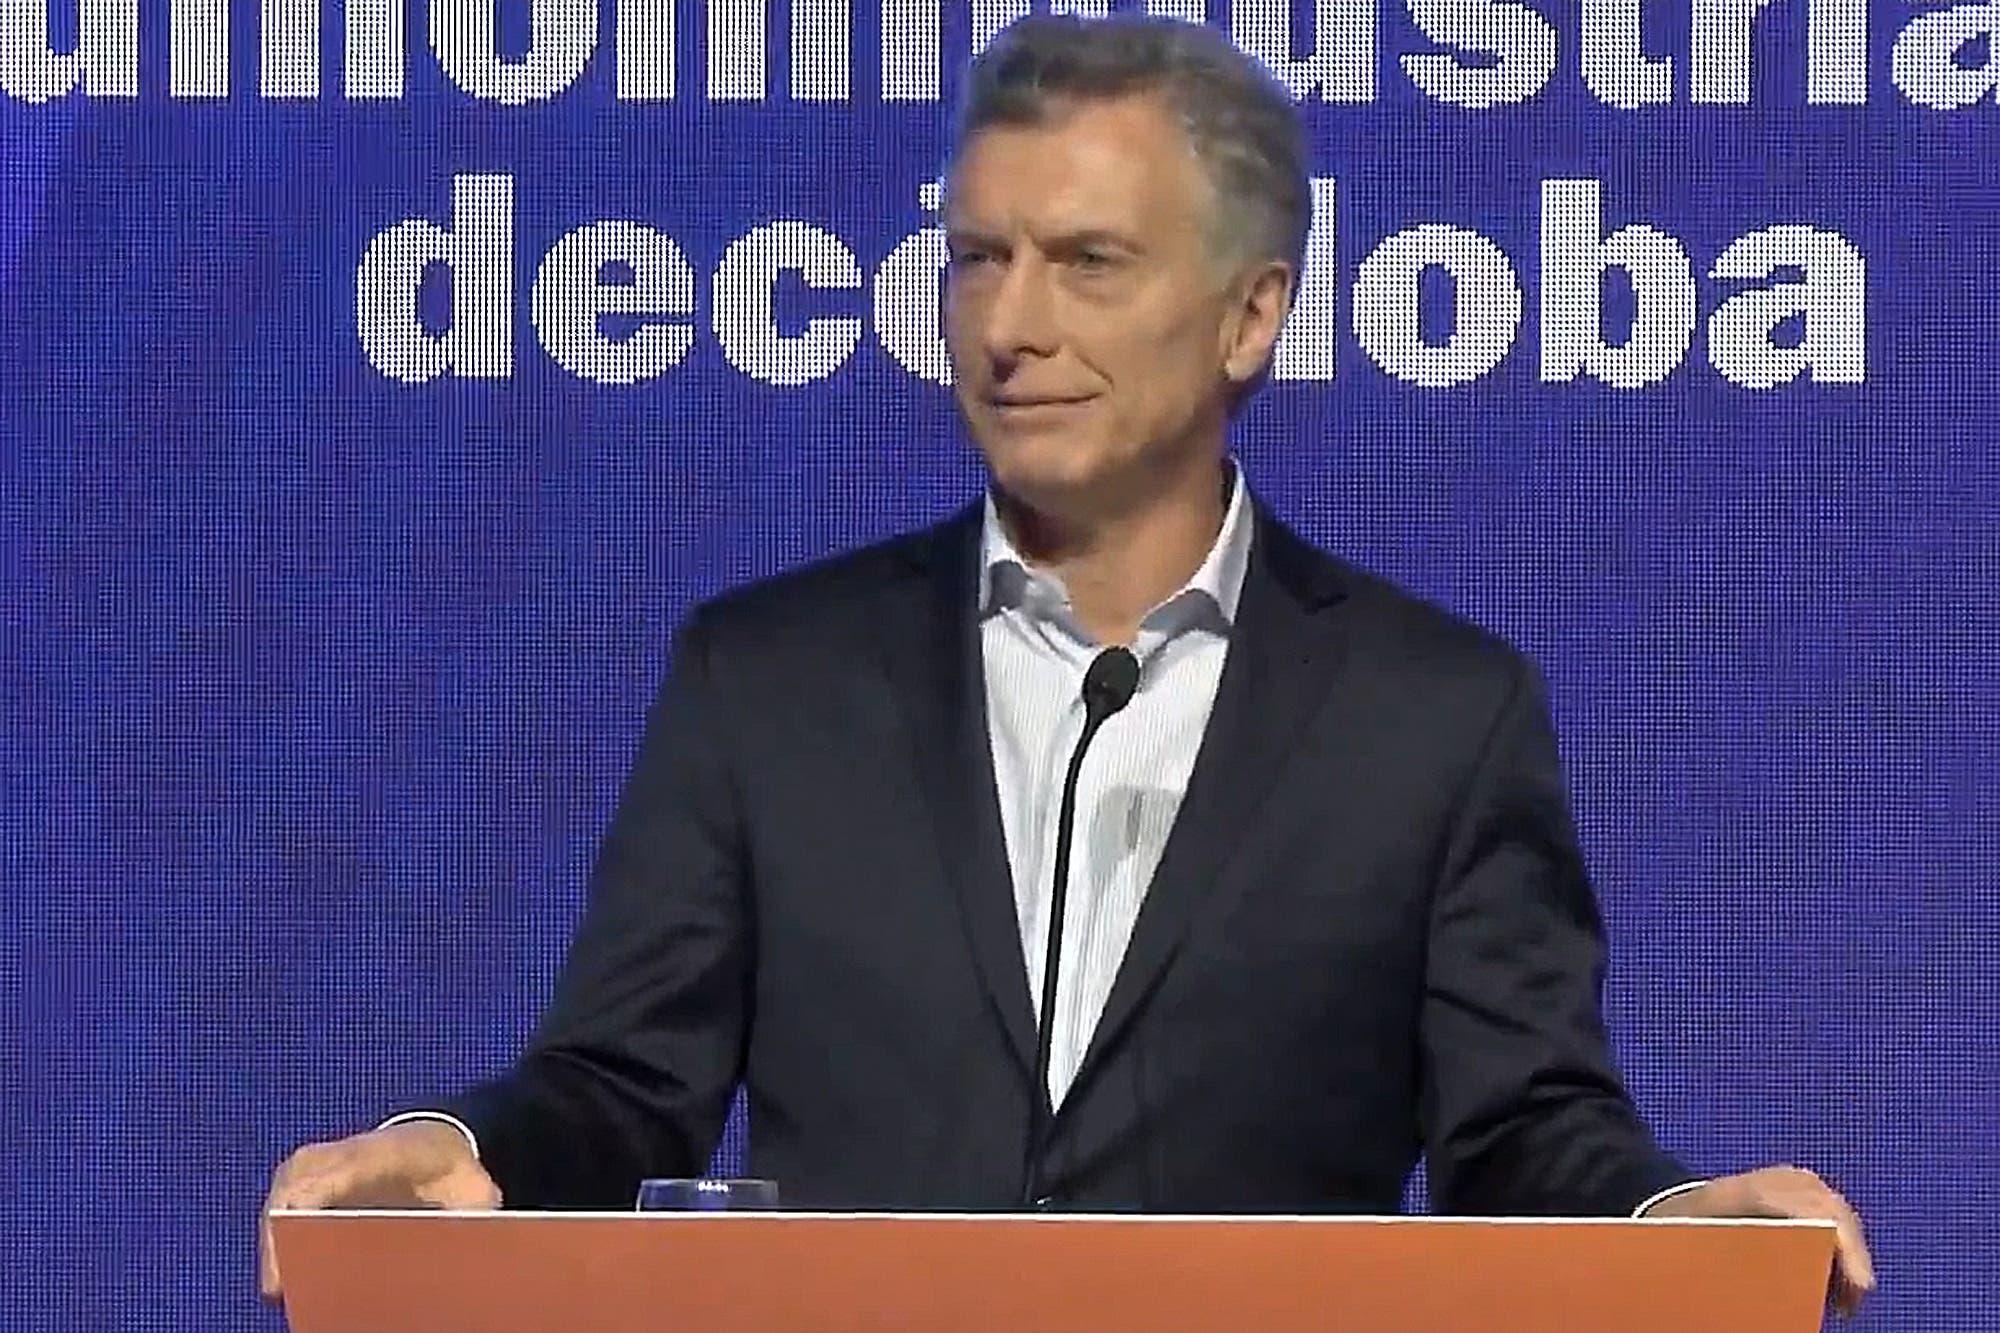 Por la crisis, la Argentina cayó al puesto 83° en el ranking de competitividad del World Economic Forum